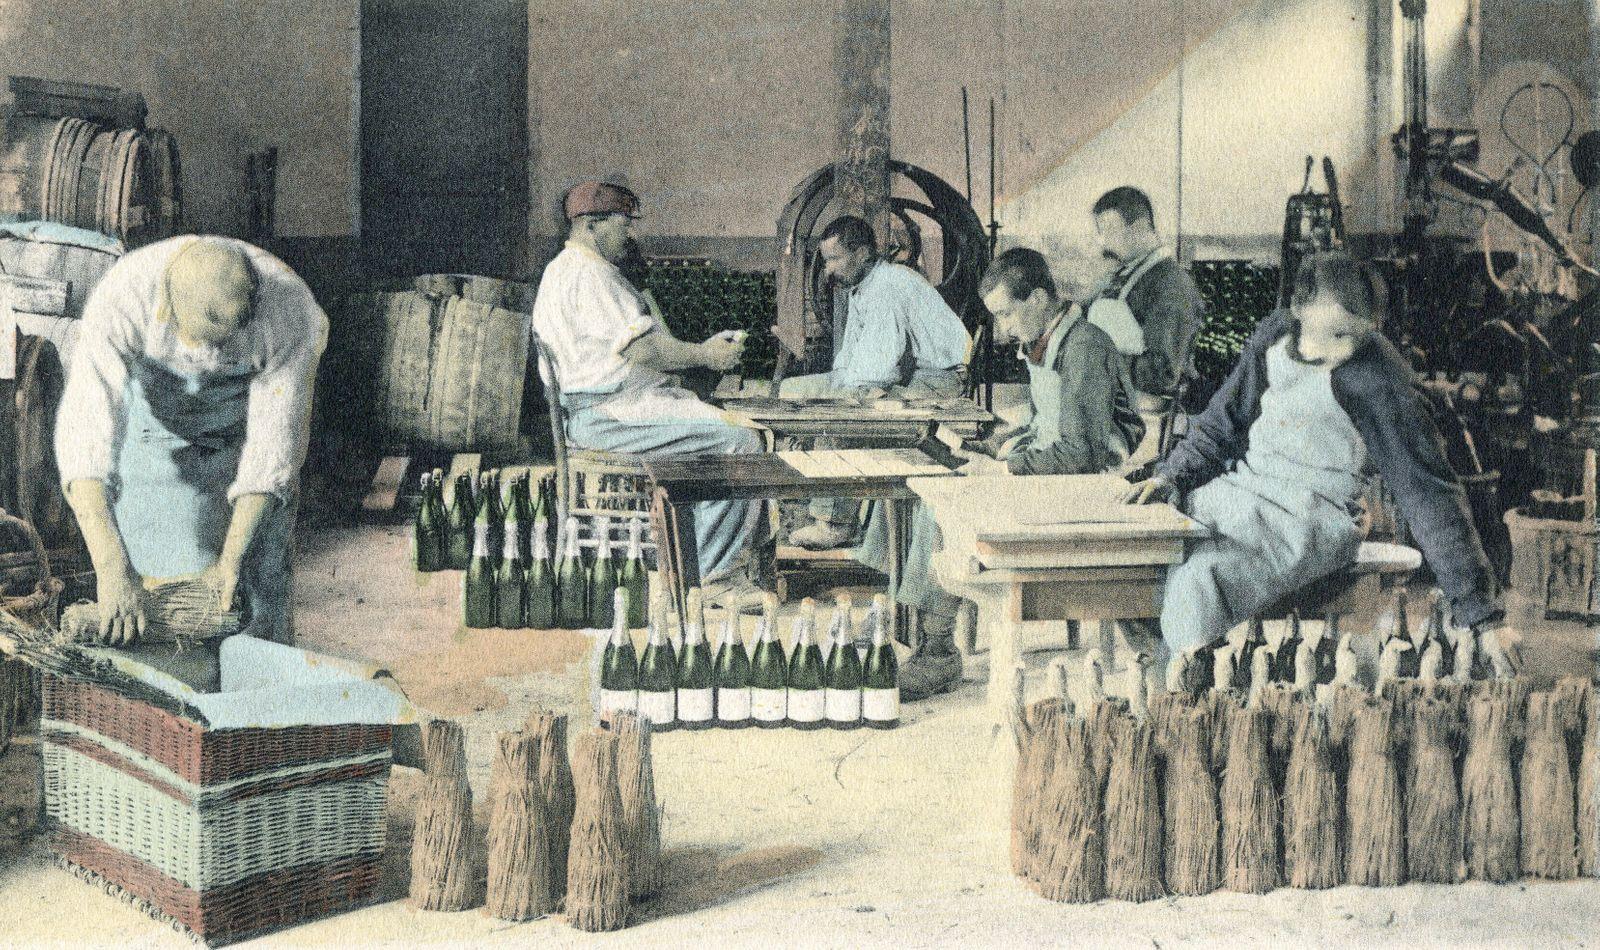 CHAMPAGNE La manutention du vin de Champagne : l habillage et l emballage . Photographie anonyme pour une carte postale